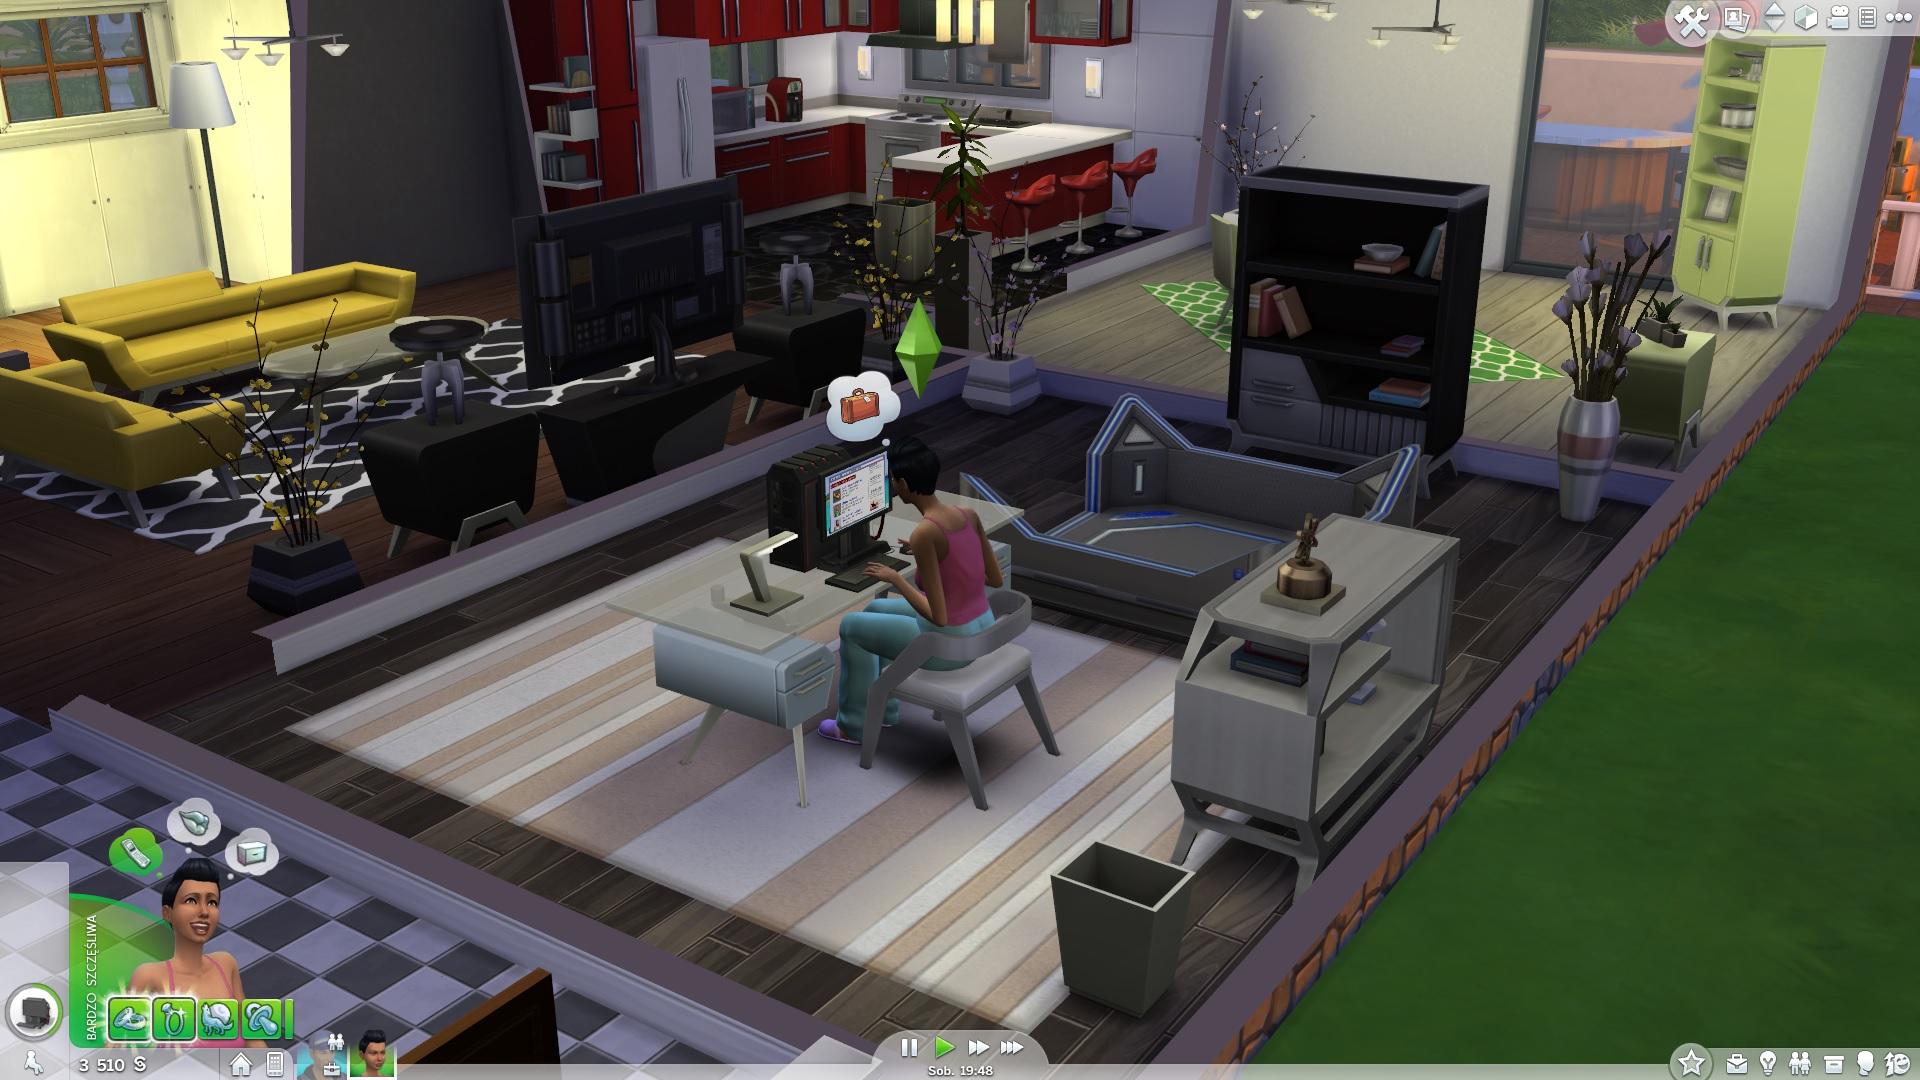 The Sims 4 - rozgrywka